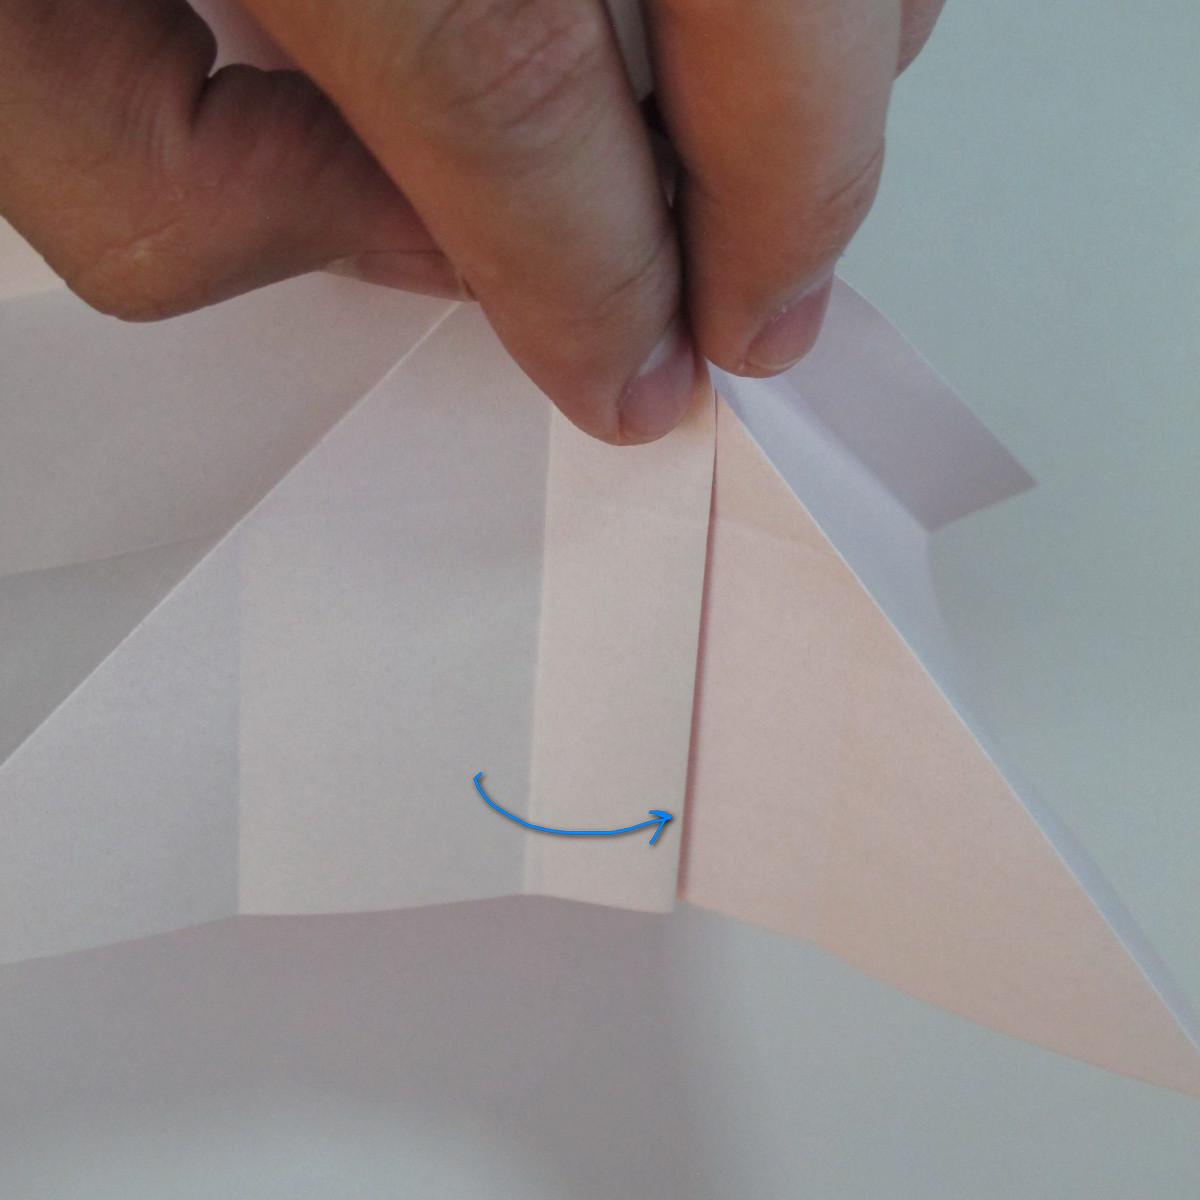 วิธีพับกระดาษพับดอกกุหลาบ 018